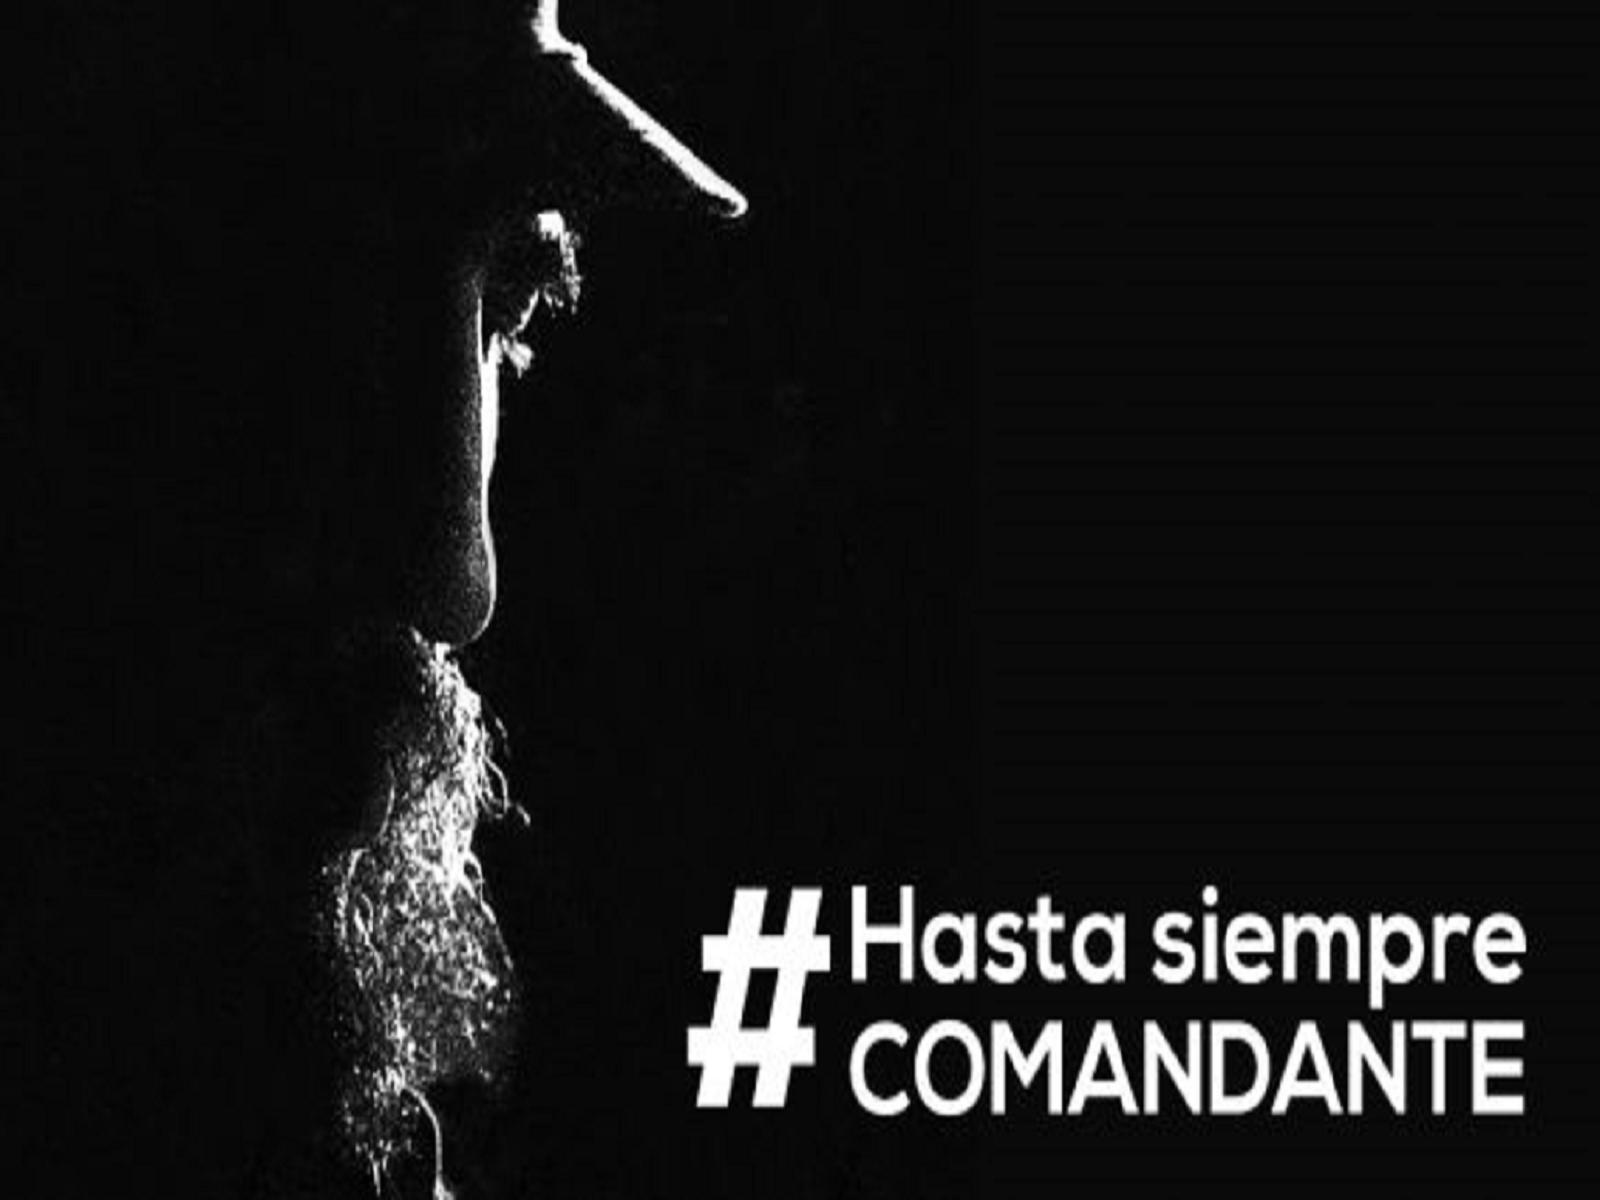 #Hasta siempre comandante